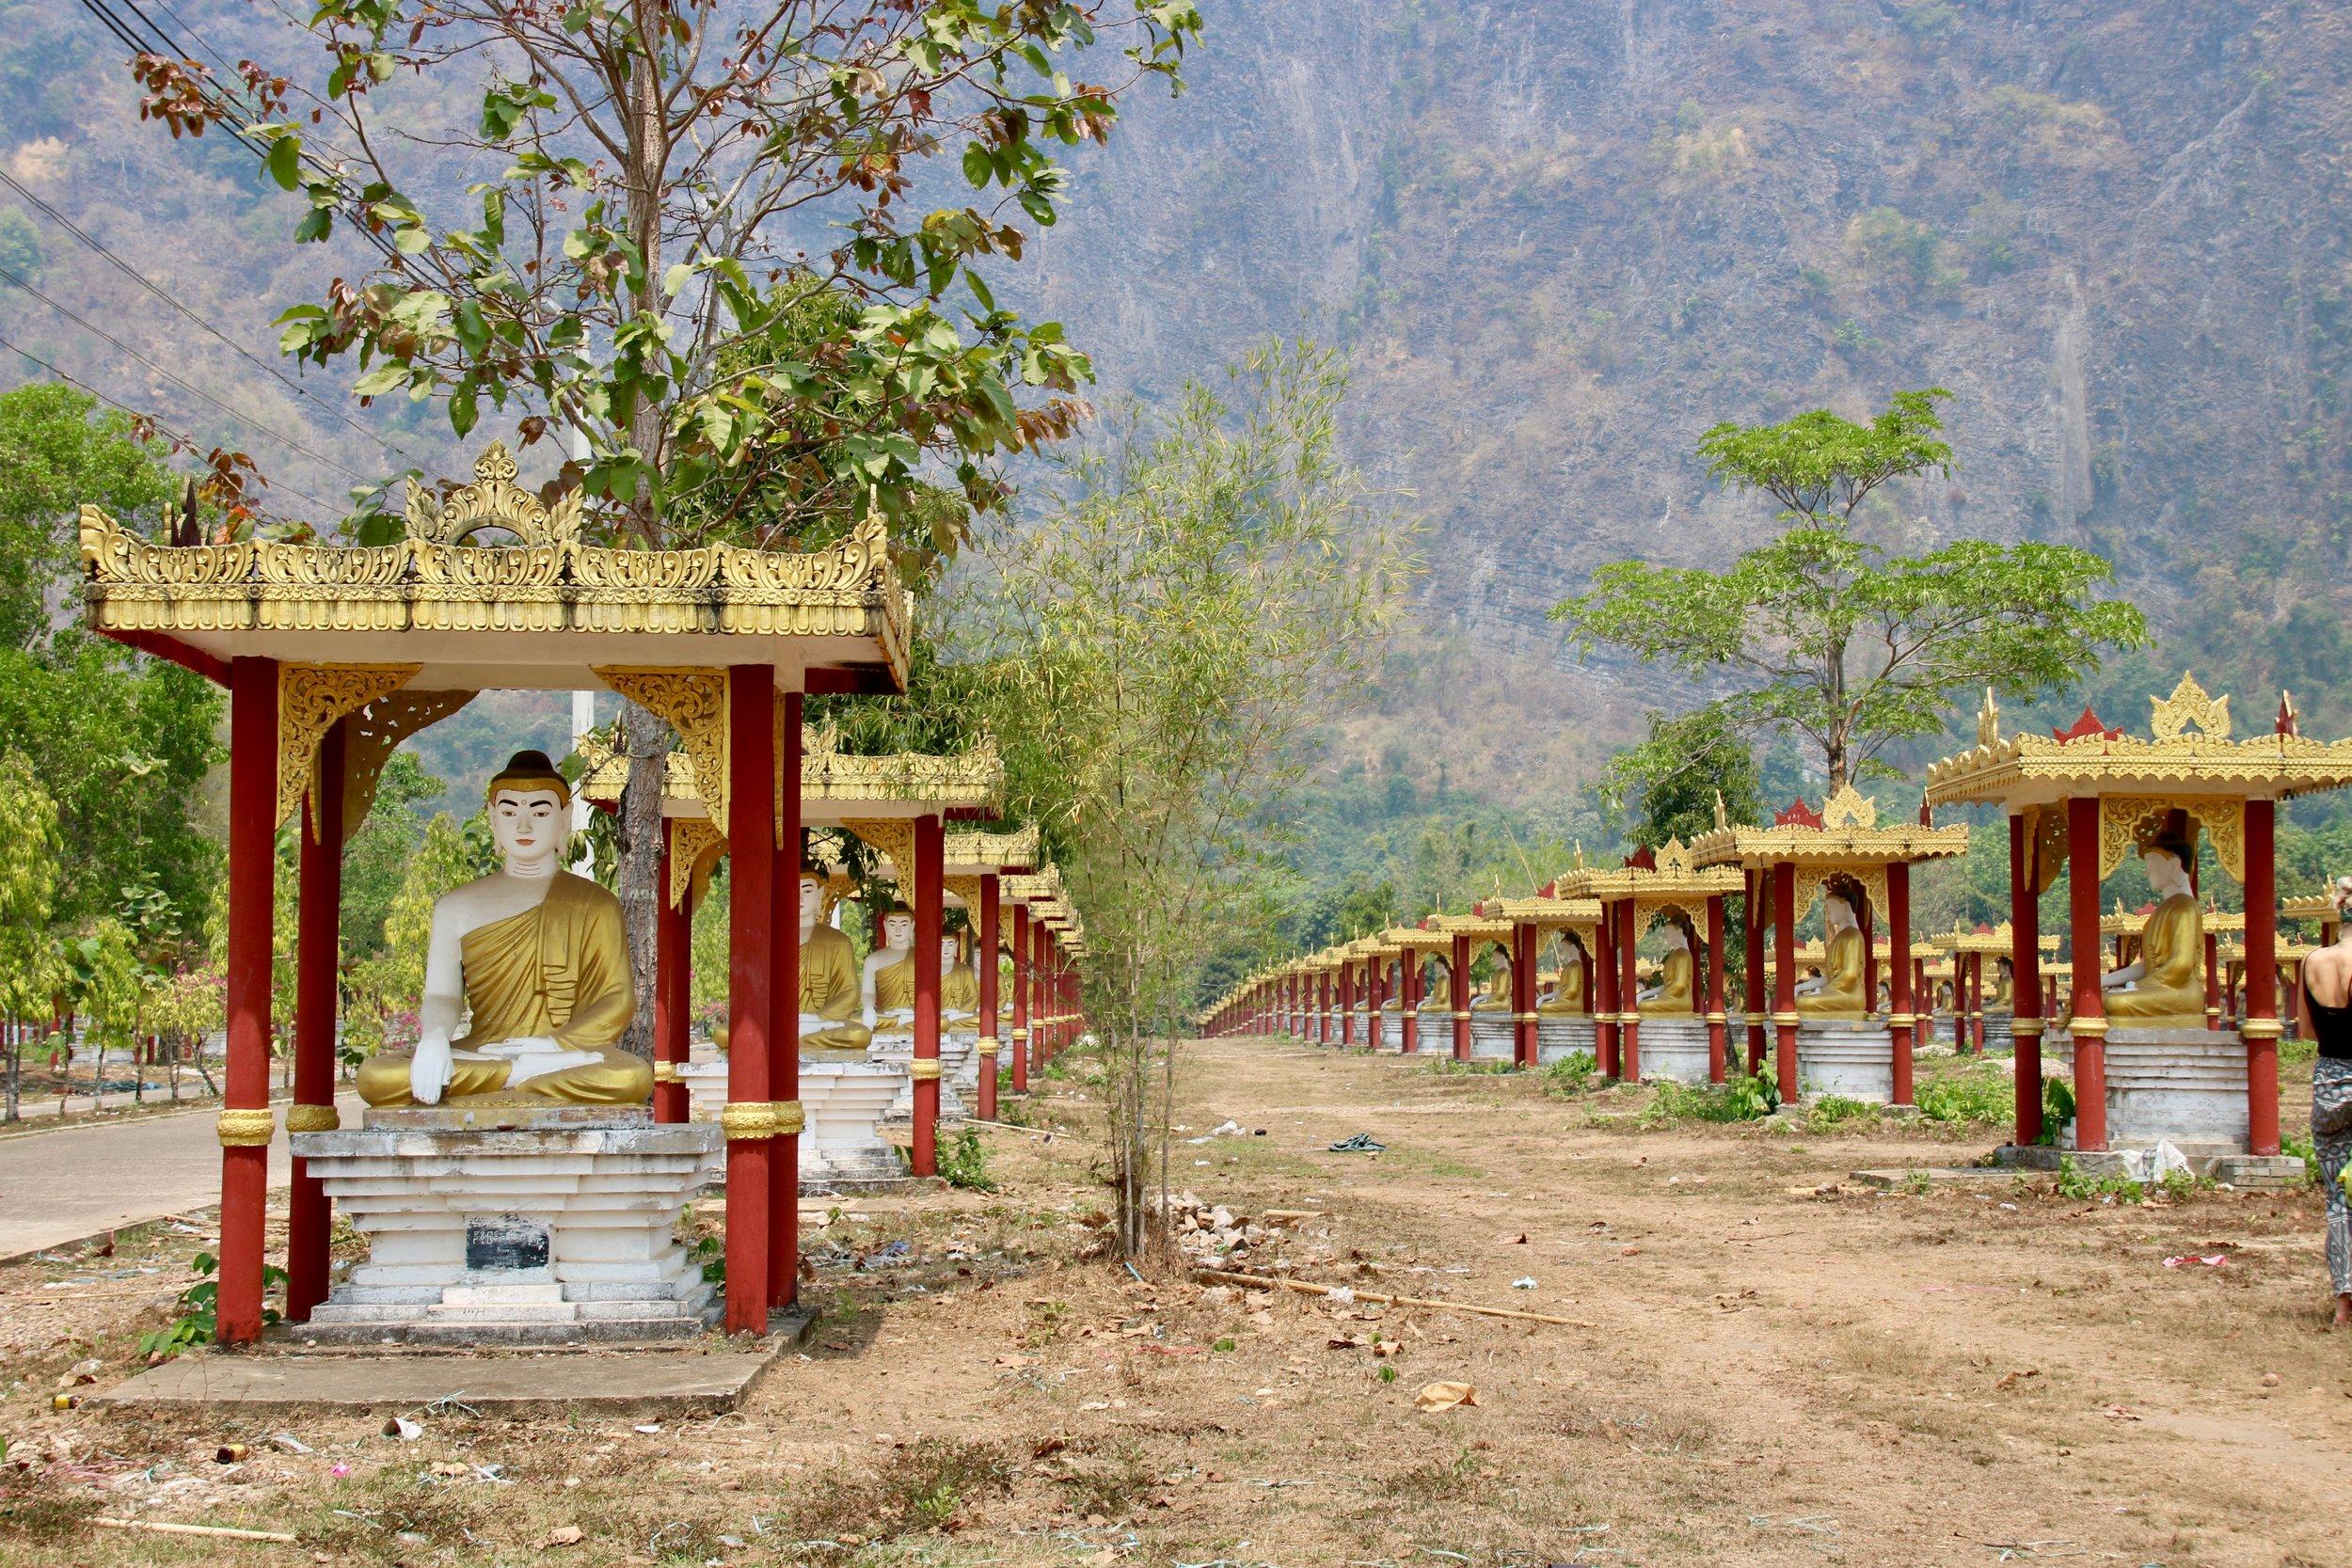 Our definitive guide to Hpa-an, Myanmar. Lumbini garden buddhas